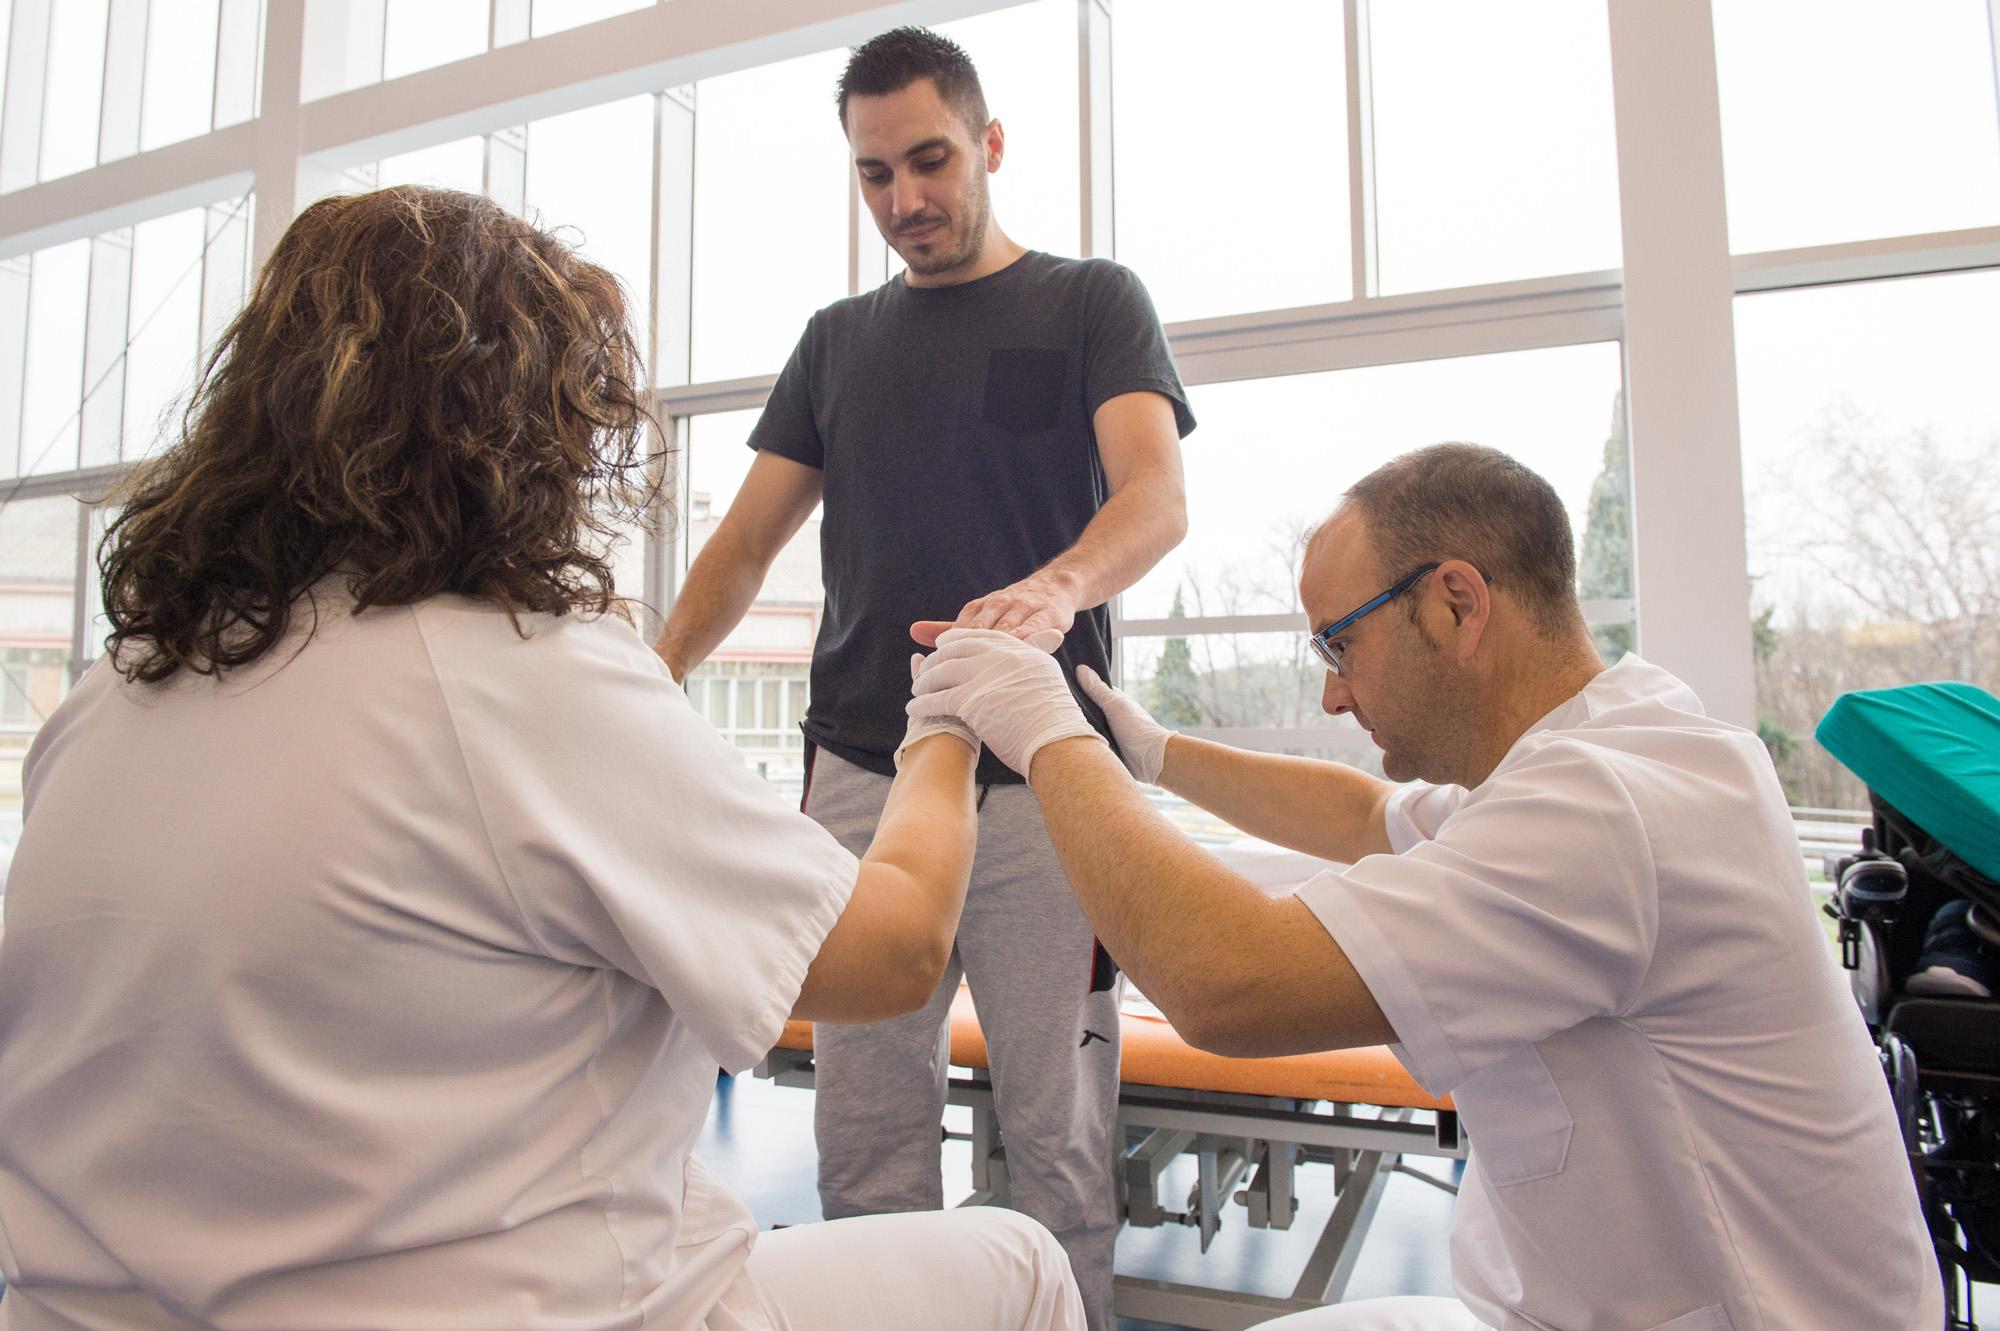 Paciente con lesión incompleta en el Hospital Nacional de Parapléjicos (Foto: Carlos Monroy // SESCAM)